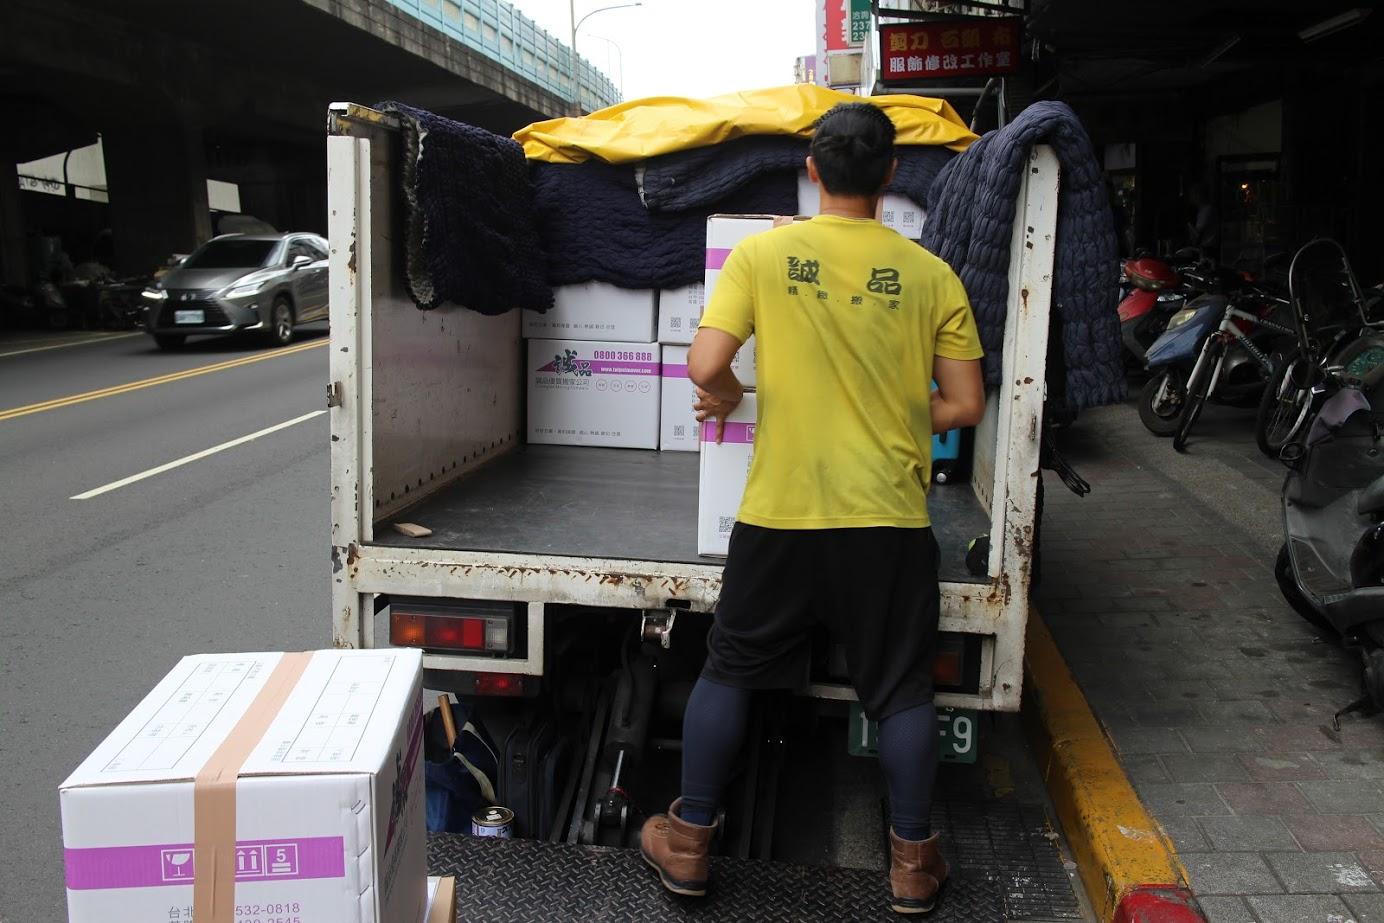 台北搬家推薦的好幫手【誠品搬家公司】迅速、專業、好細心 @秤瓶樂遊遊